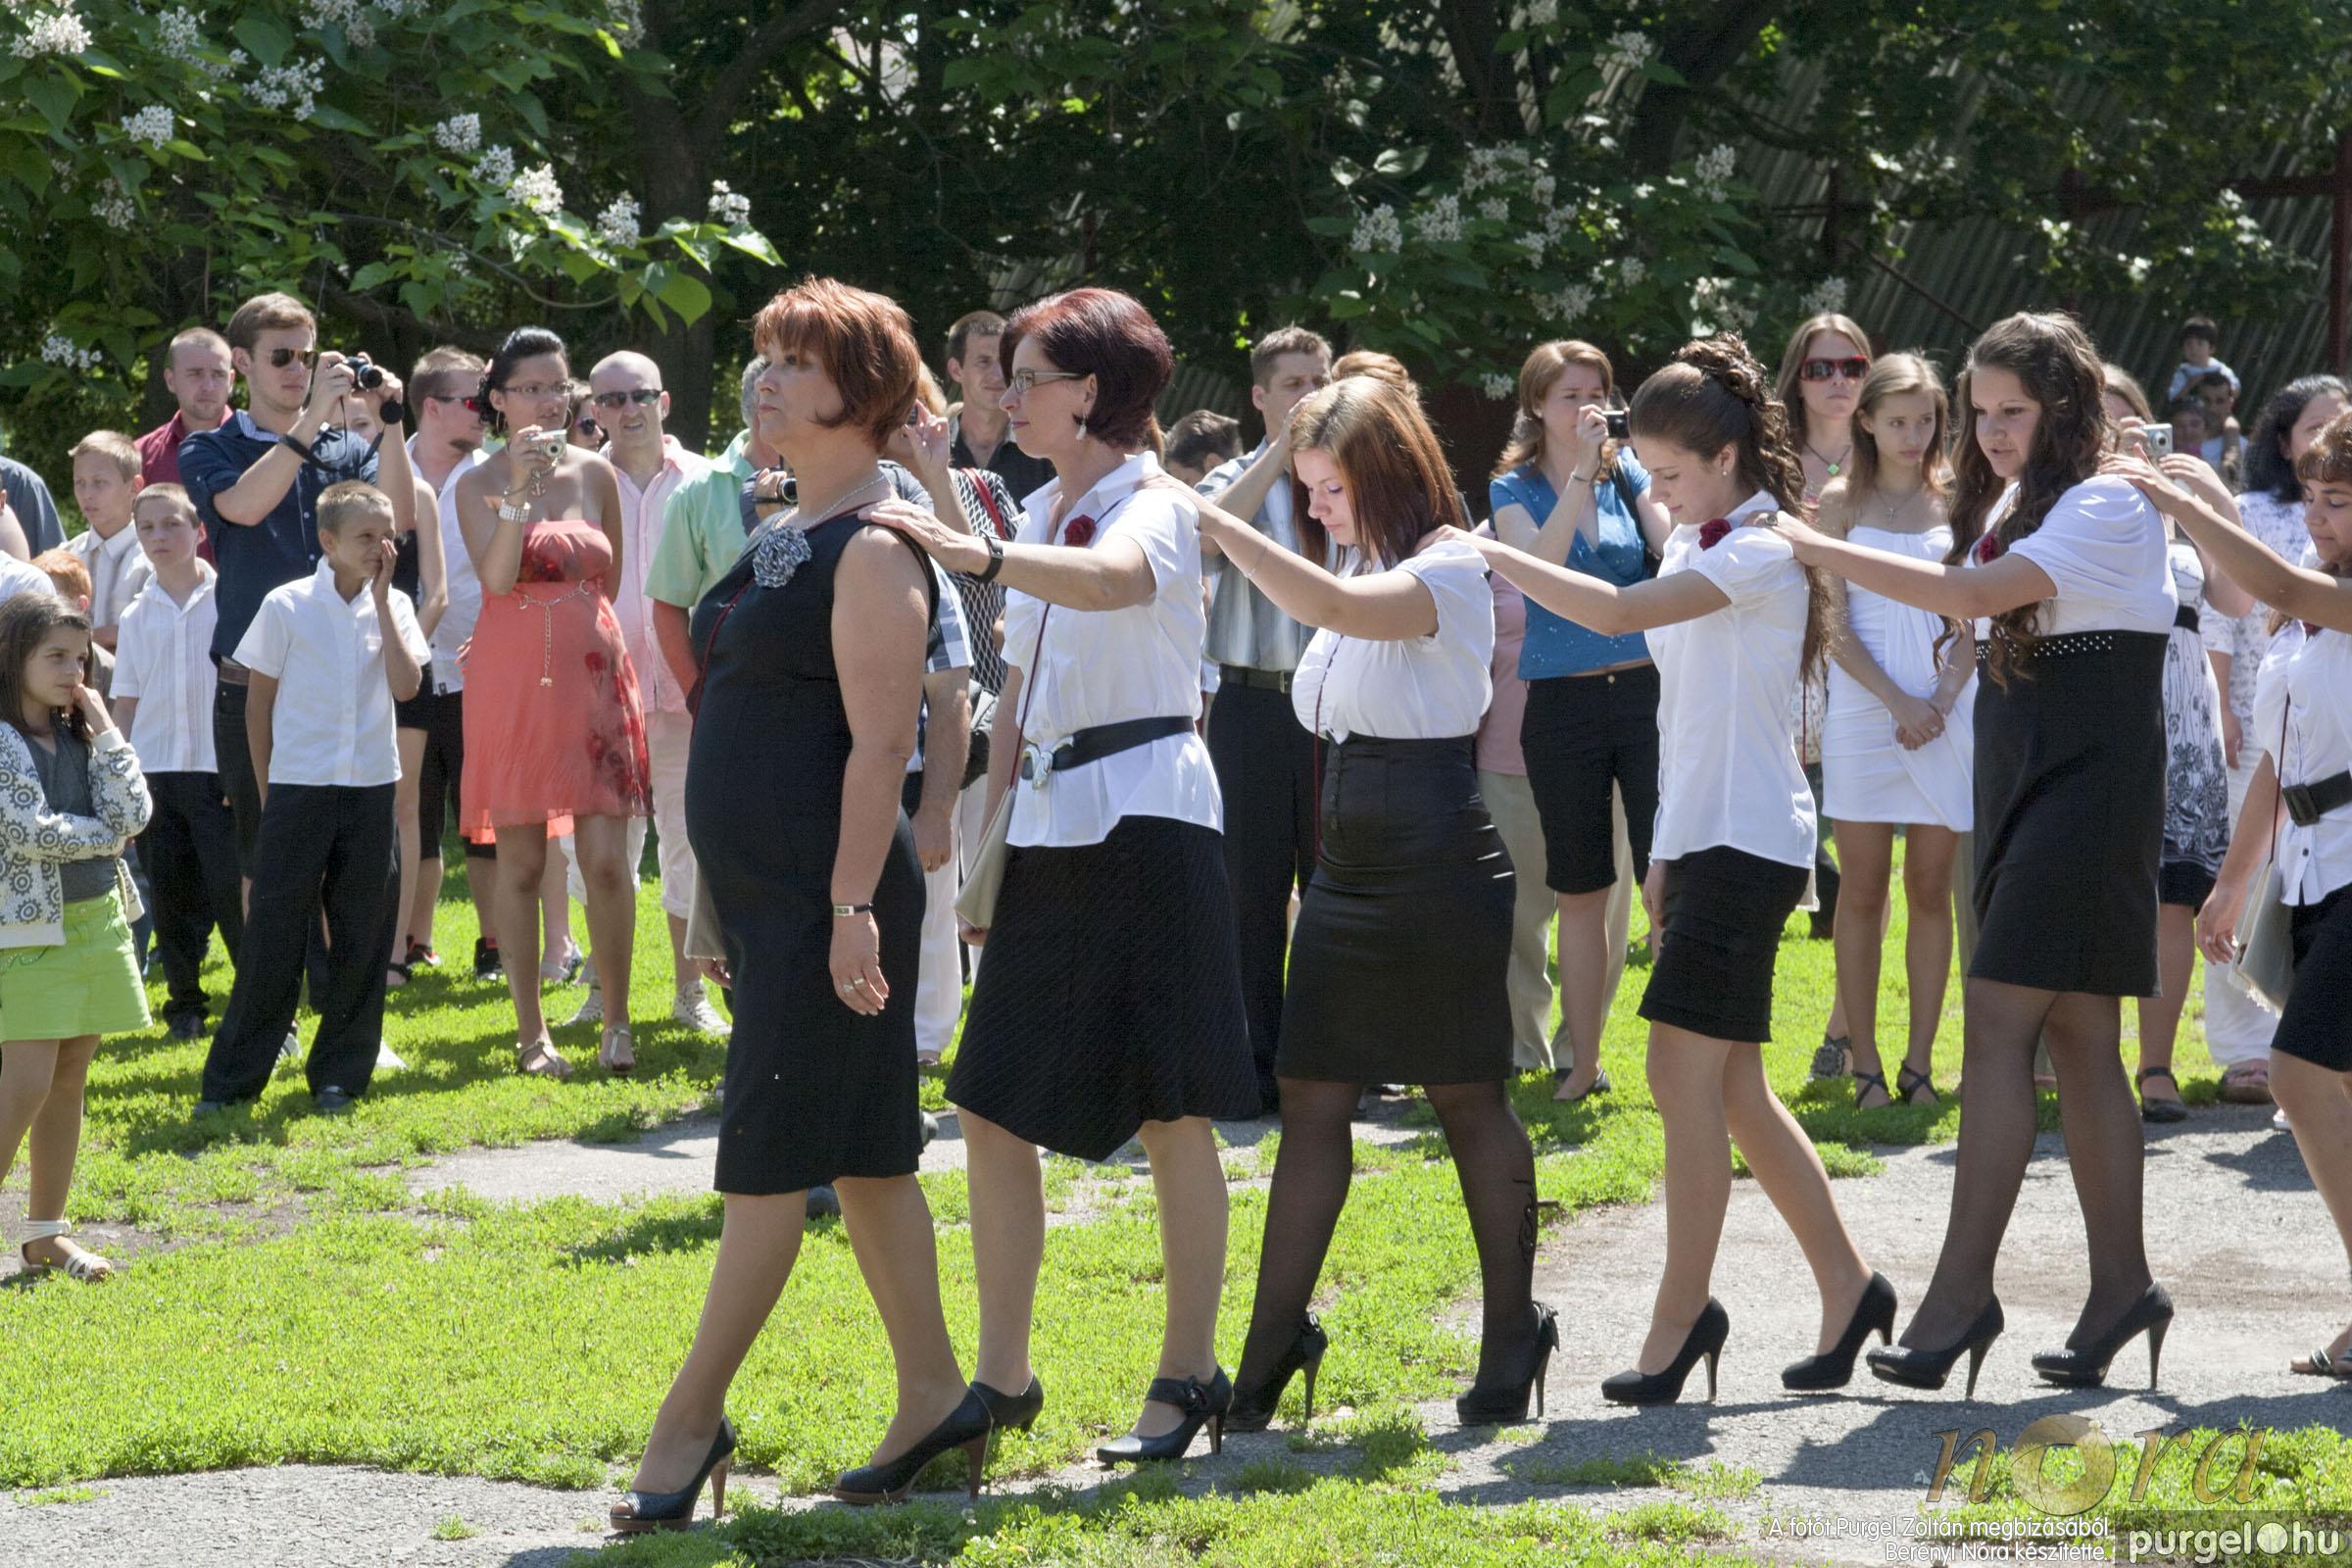 2013.06.15. 323 Forray Máté Általános Iskola ballagás 2013. - Fotó:BERÉNYI NÓRA© _MG_1415.JPG